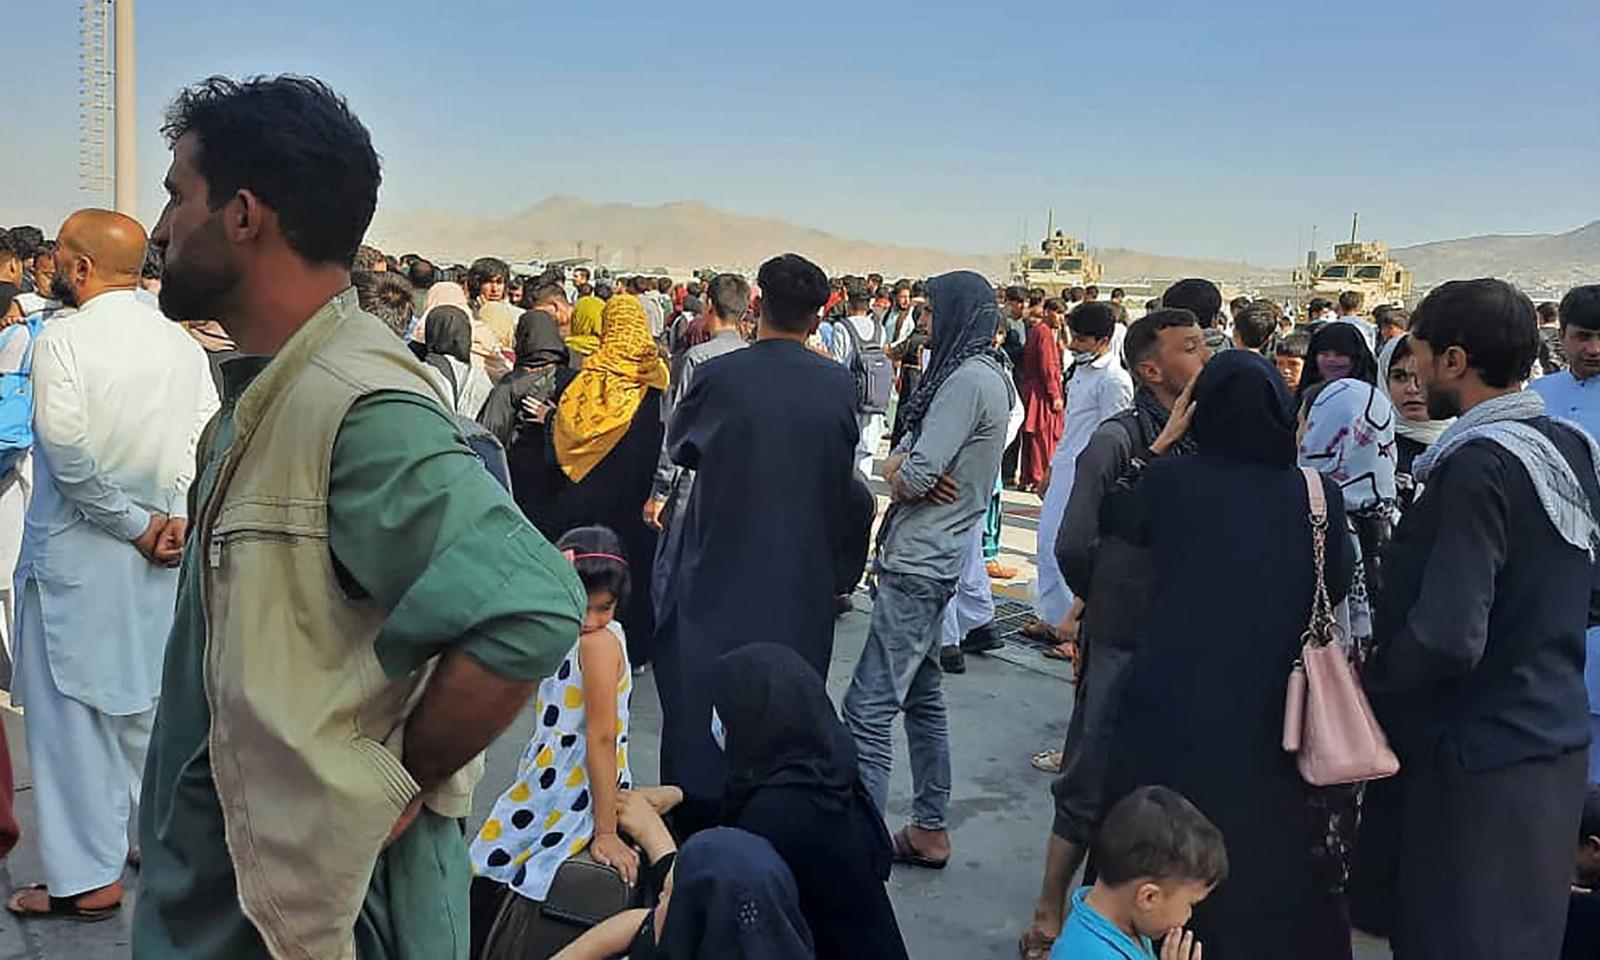 کابل ایئرپورٹ پر عوام کے جم غفیر کے باعث شدید افرا تفری دیکھنے میں آئی— فوٹو: اے ایف پی